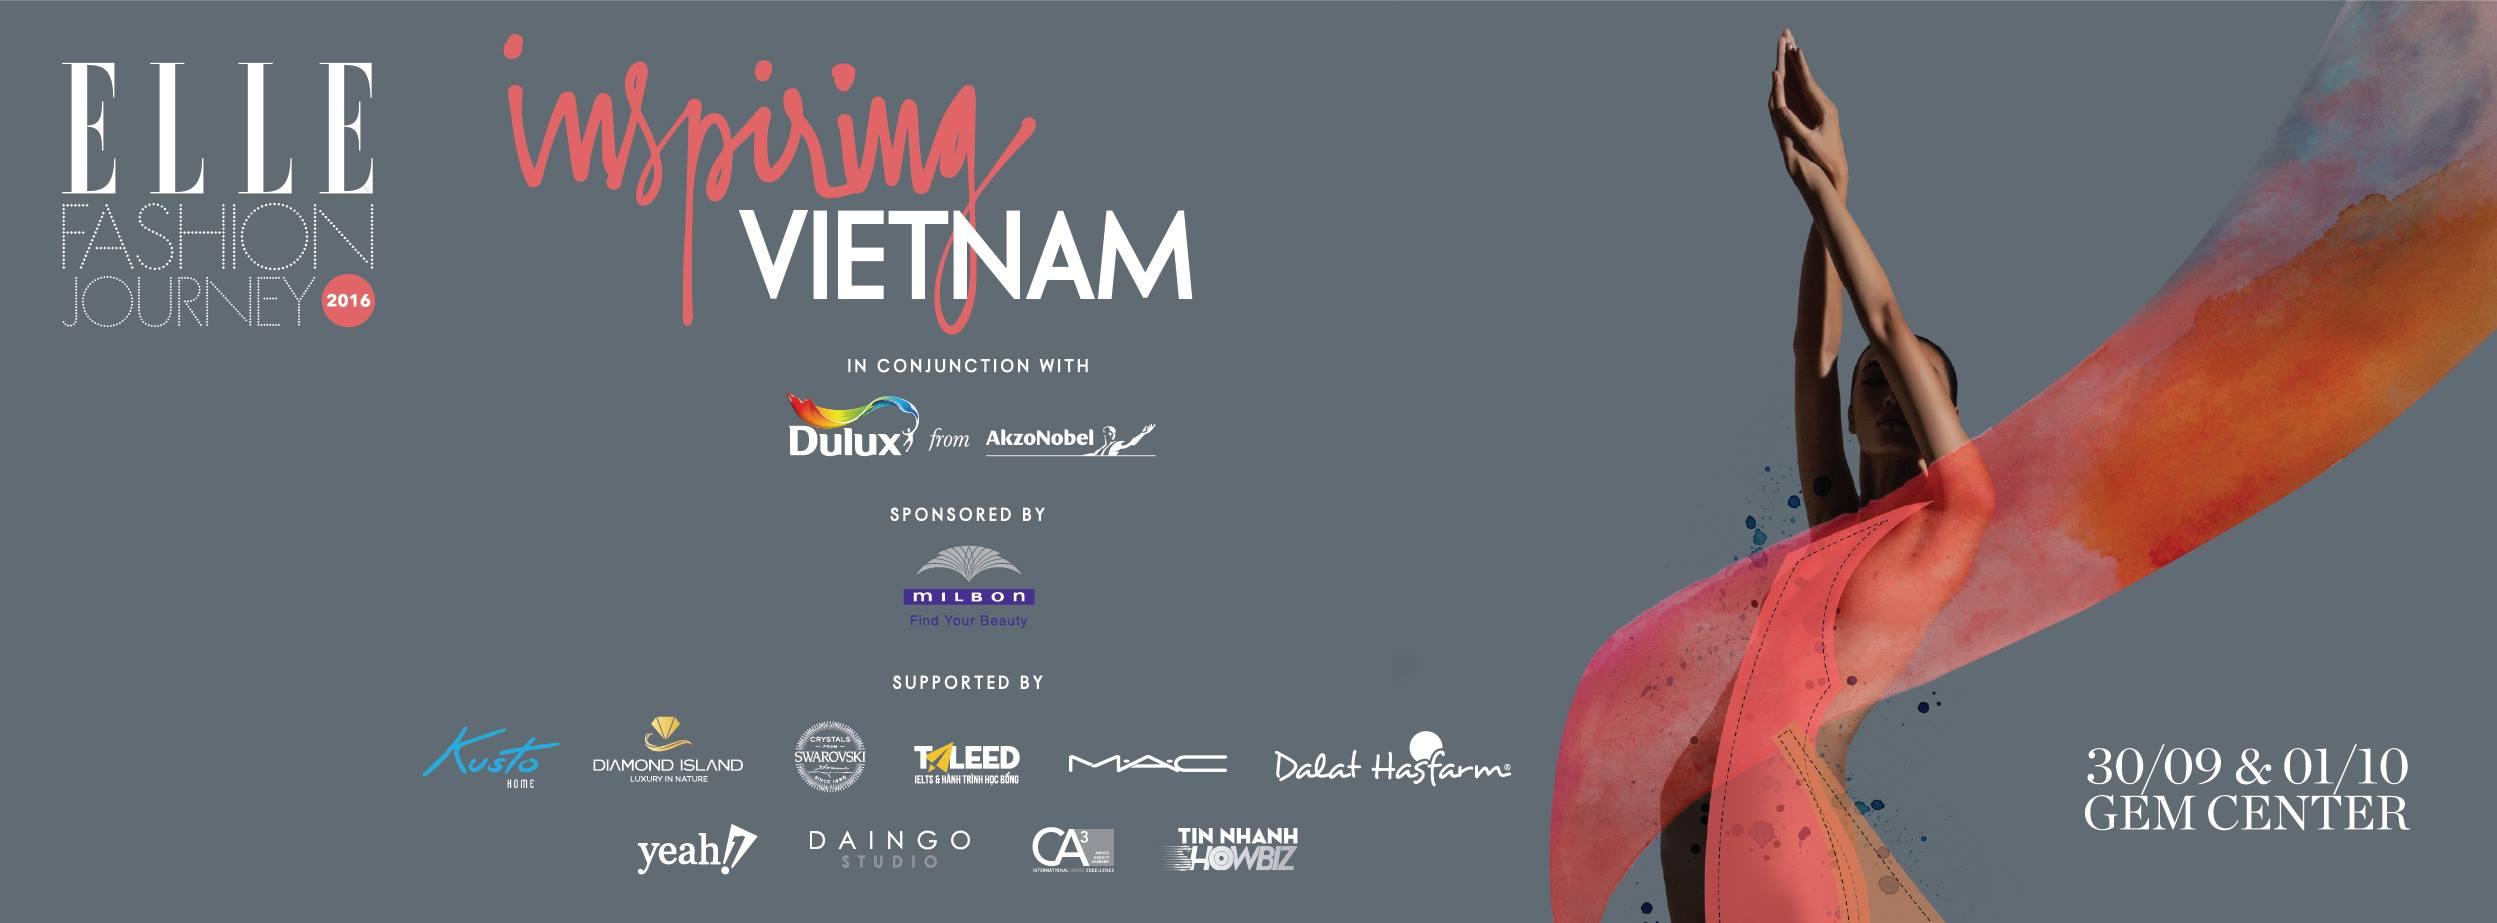 ELLE Fashion Journey 2016. Ảnh: ELLE Việt Nam